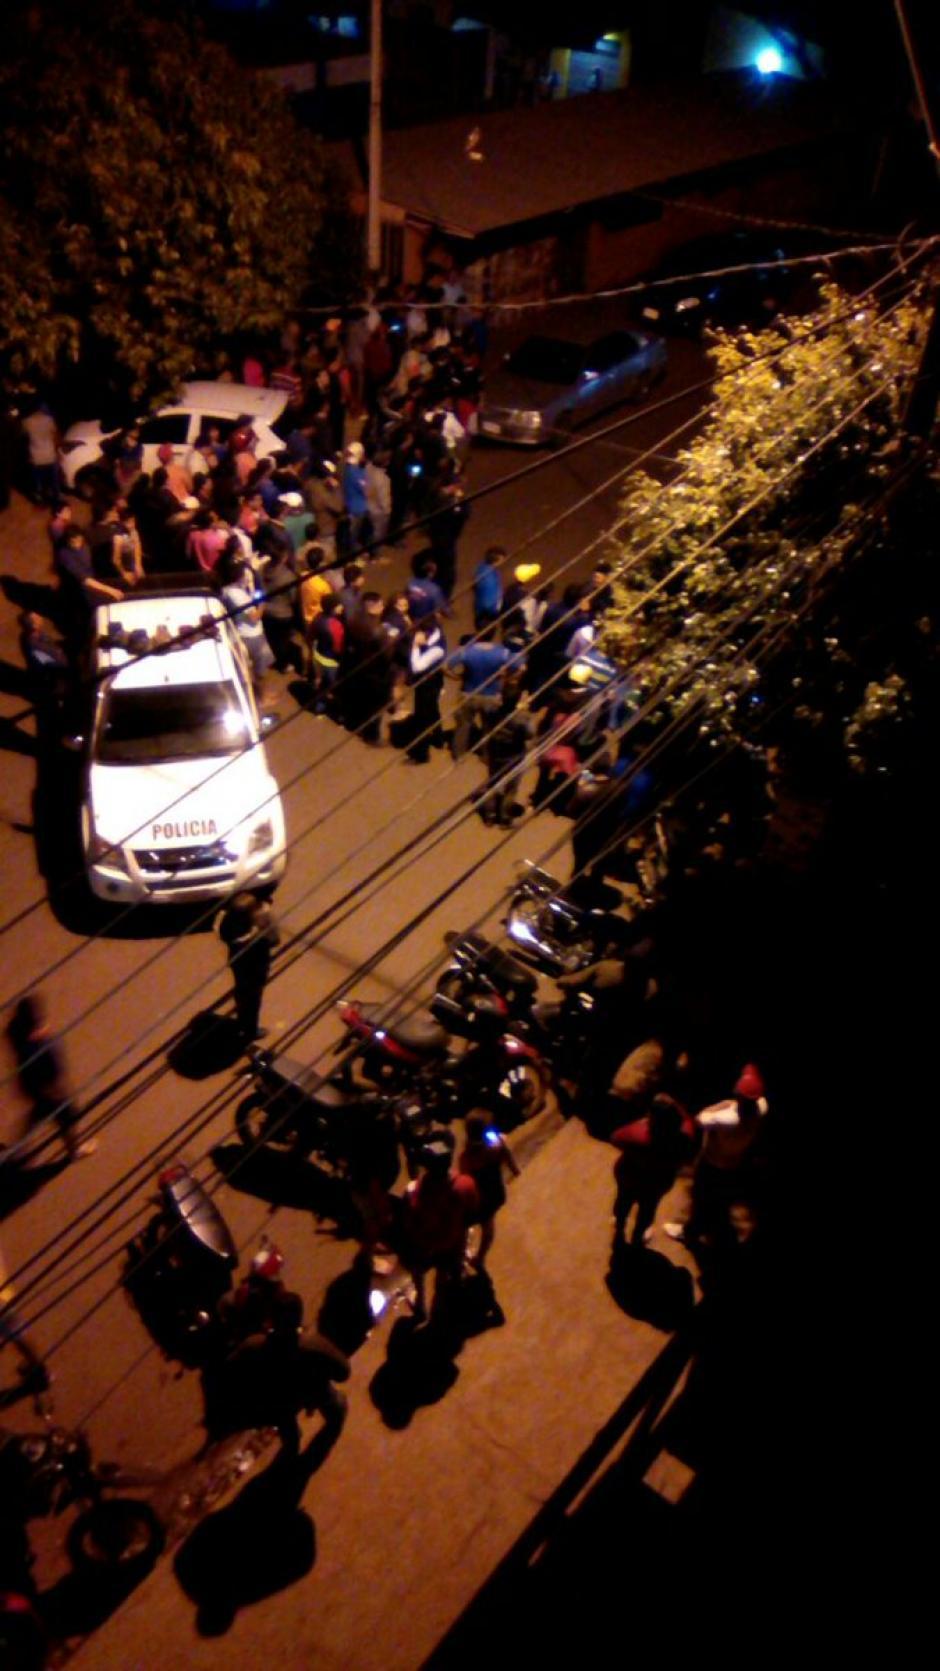 Tras el incidentes cientos de curiosos redearon la escena del crímen. (Foto: ABC)